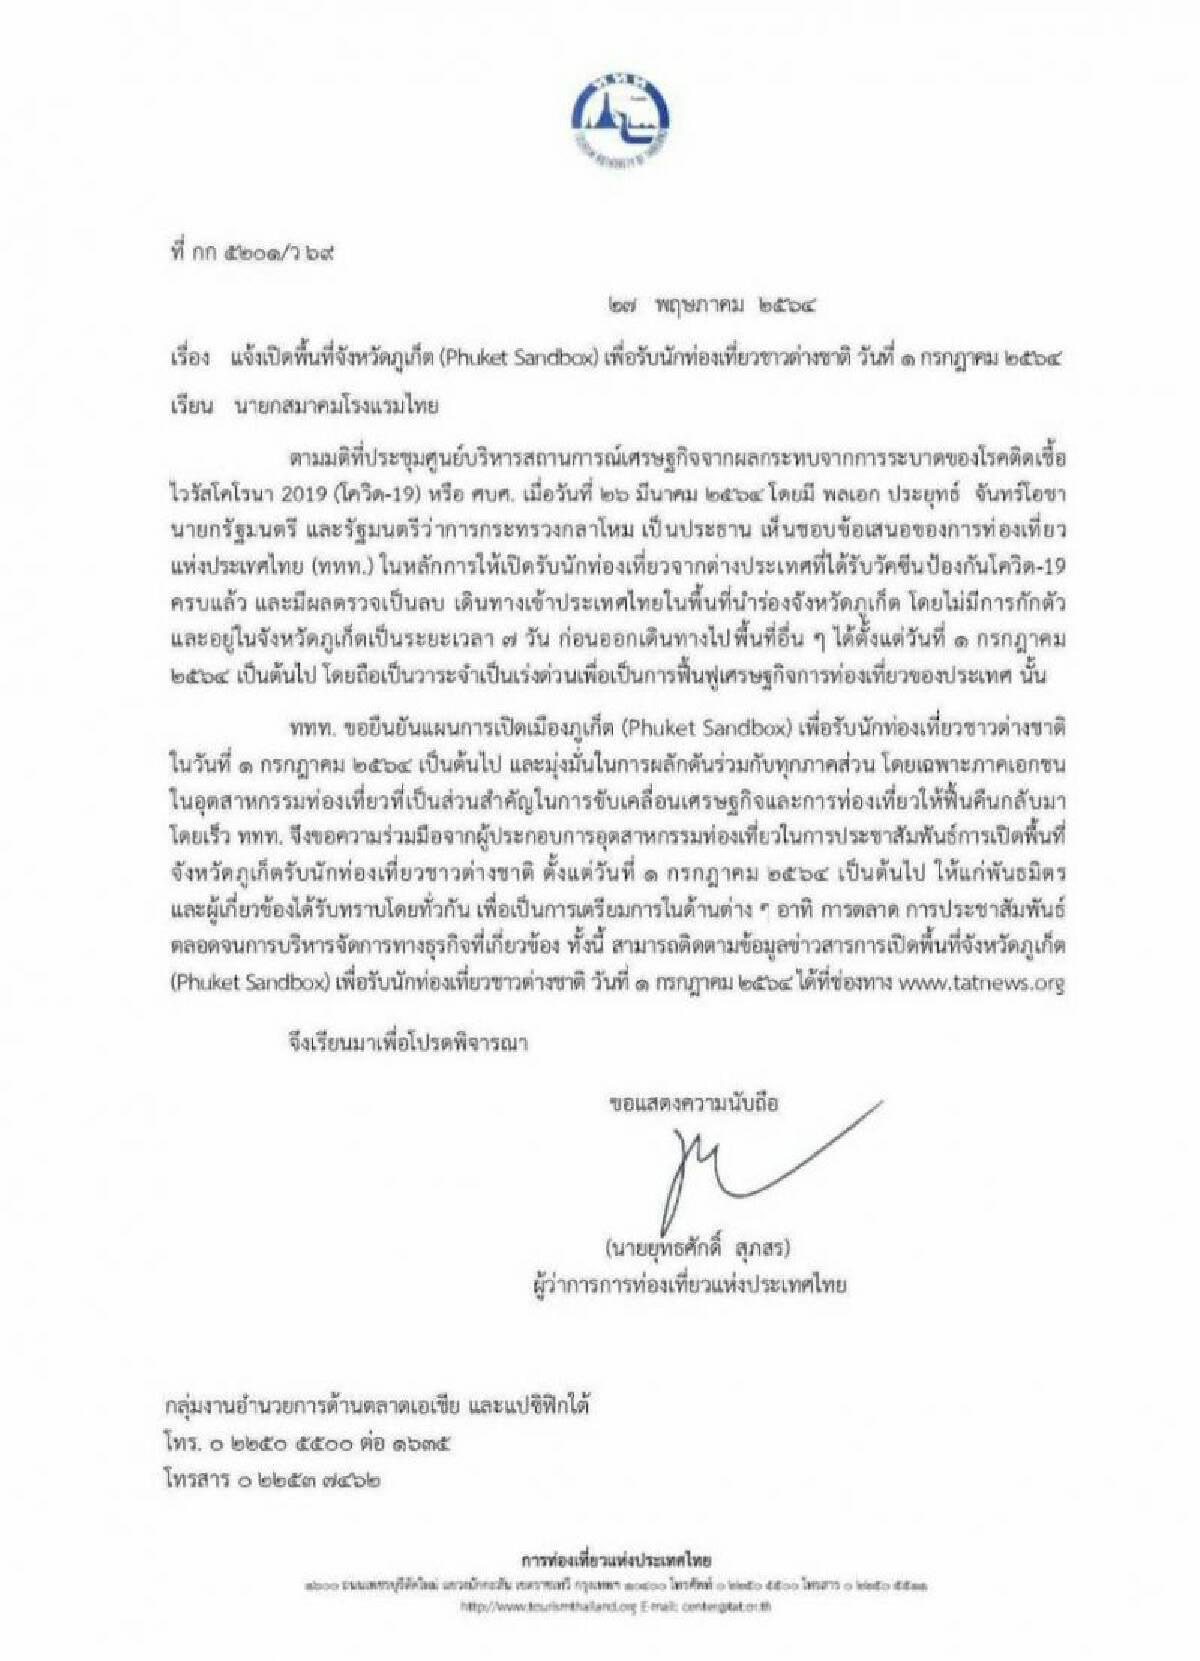 ผู้ว่าฯททท.แจ้งพันธมิตรไทย-เทศยืนยันเปิดเมืองภูเก็ต1ก.ค.นี้